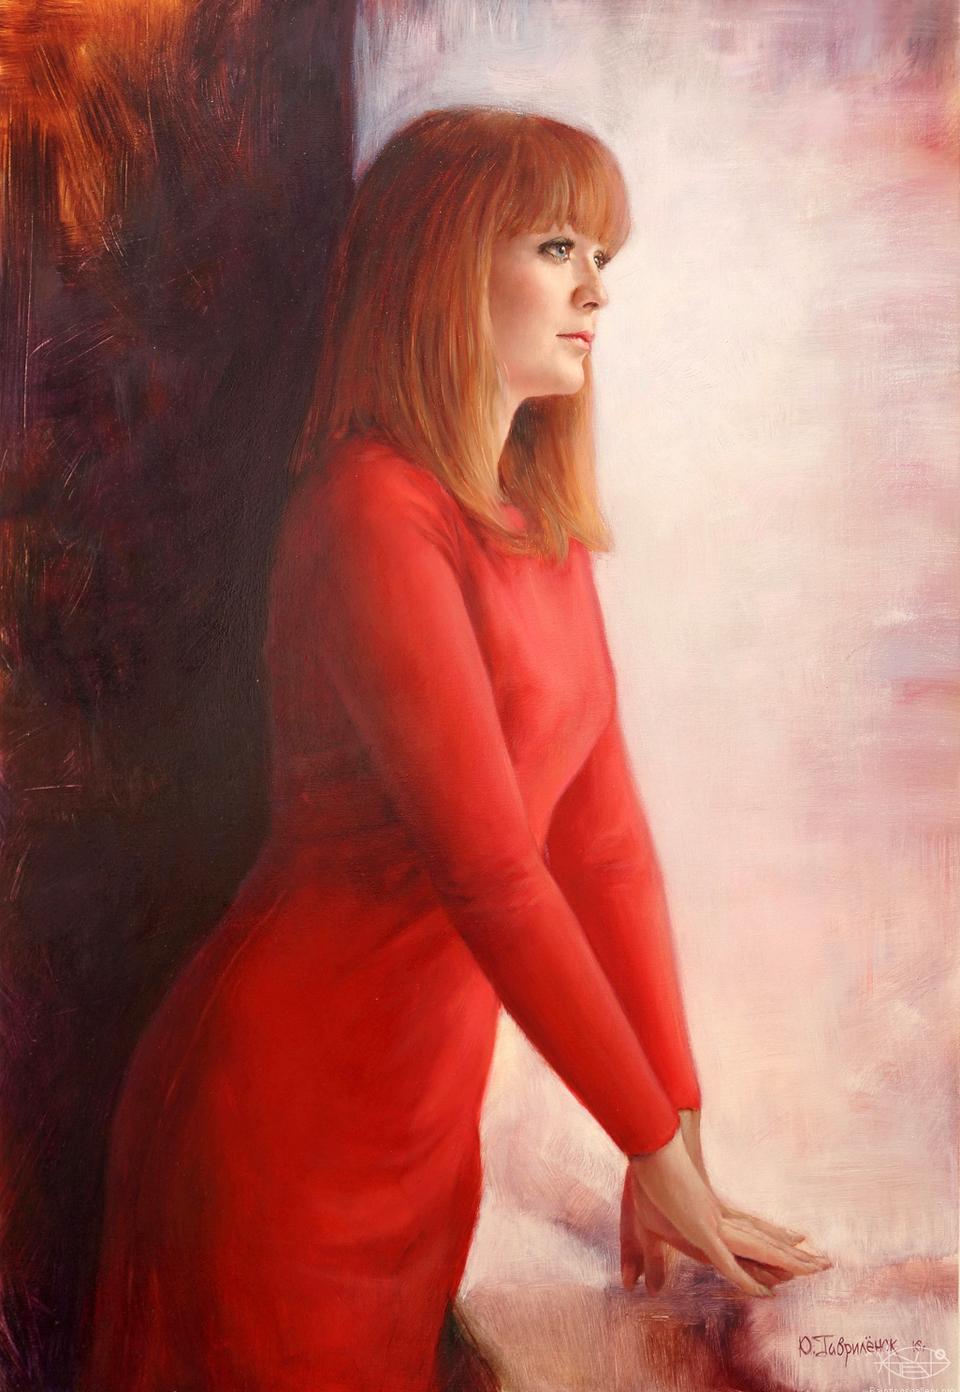 www.PaintingsGallery.pro_Gavrilenok_Yuriy_Near_The_Window_large_243653.jpg